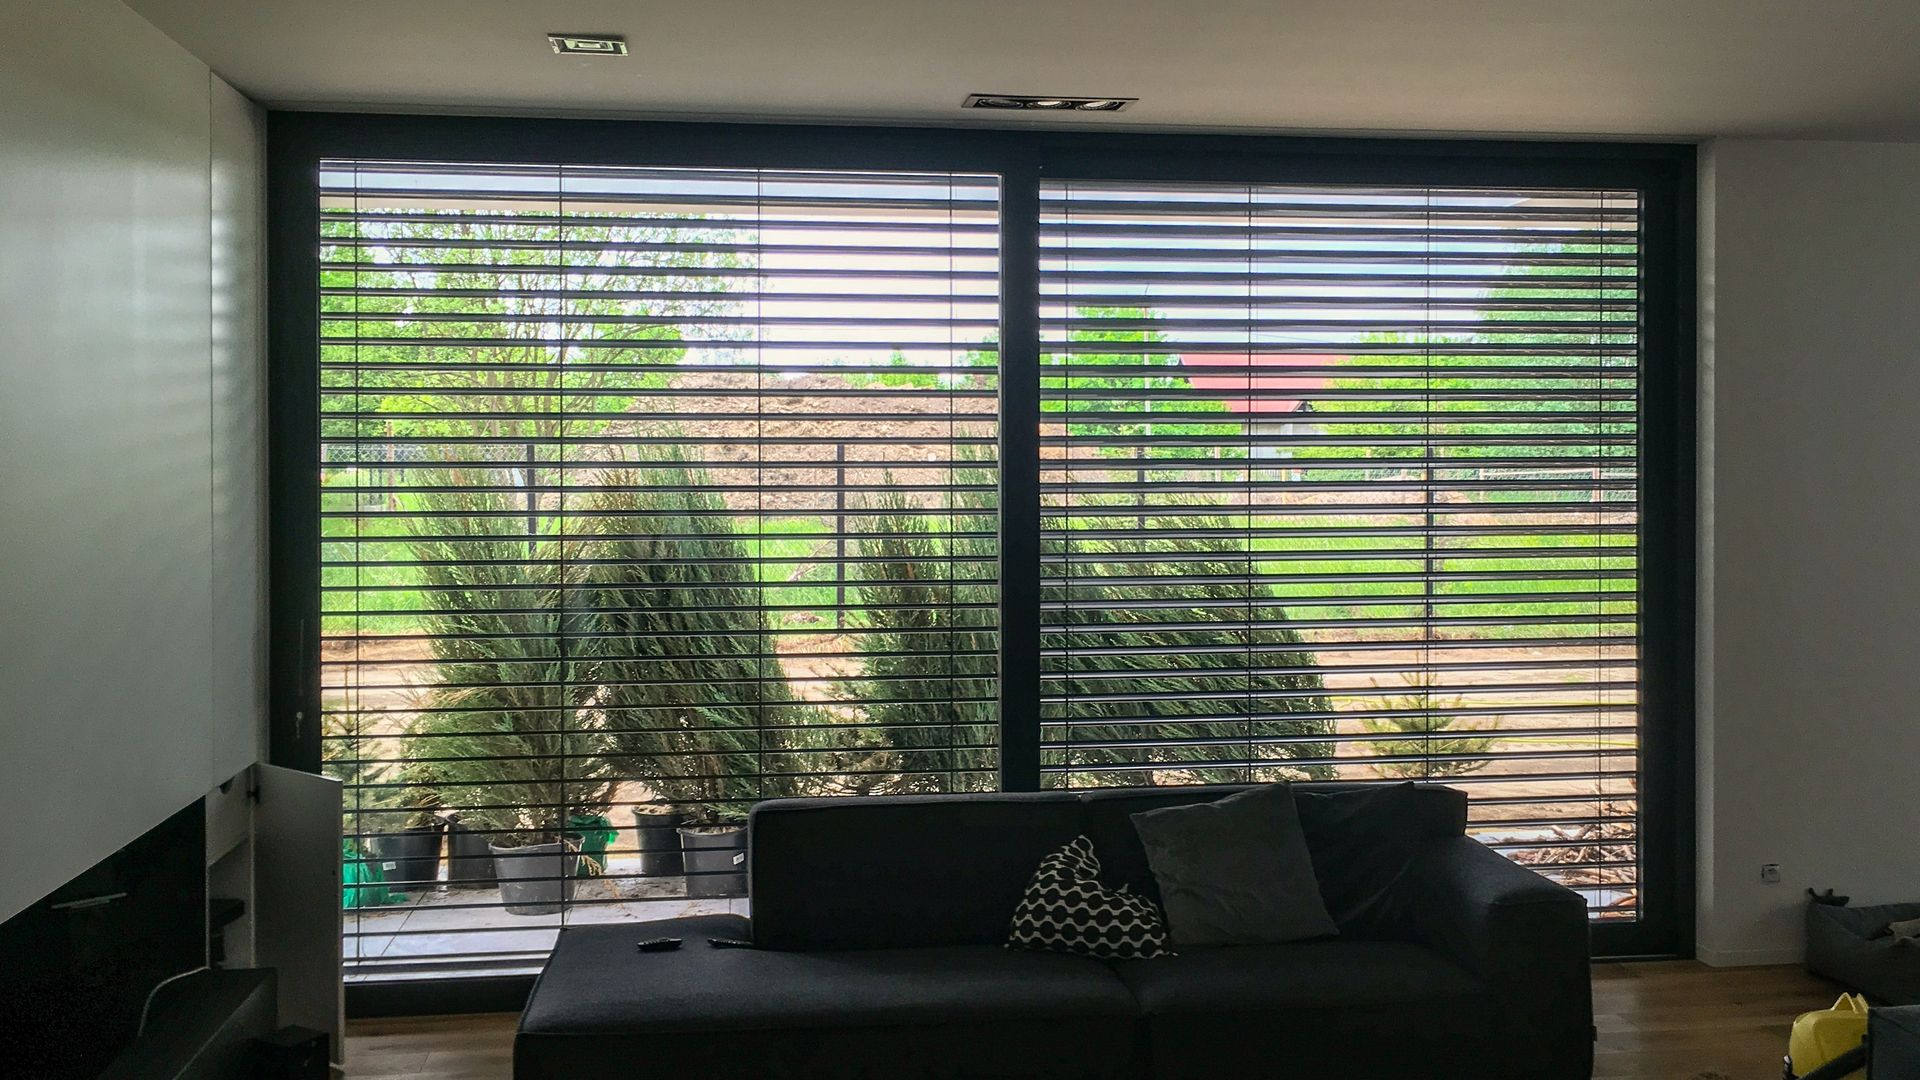 nowoczesne domy mieszkalne drzwi podnoszono przesuwne HS HST PSK katowice śląsk